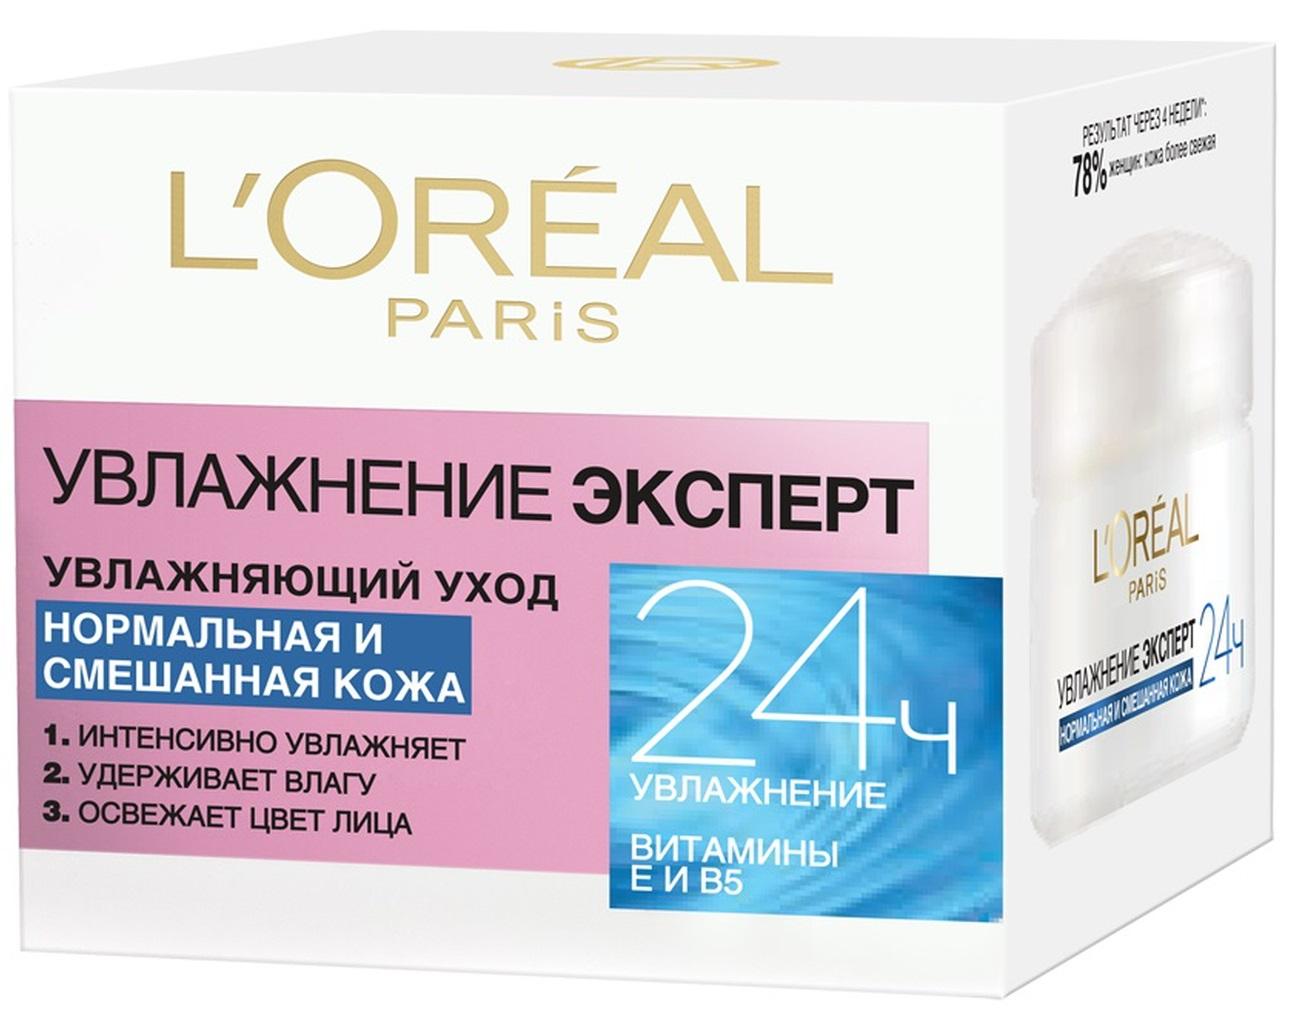 Крем для лица L\'Oreal Paris для нормальной и смешанной кожи Увлажнение Эксперт 50 мл